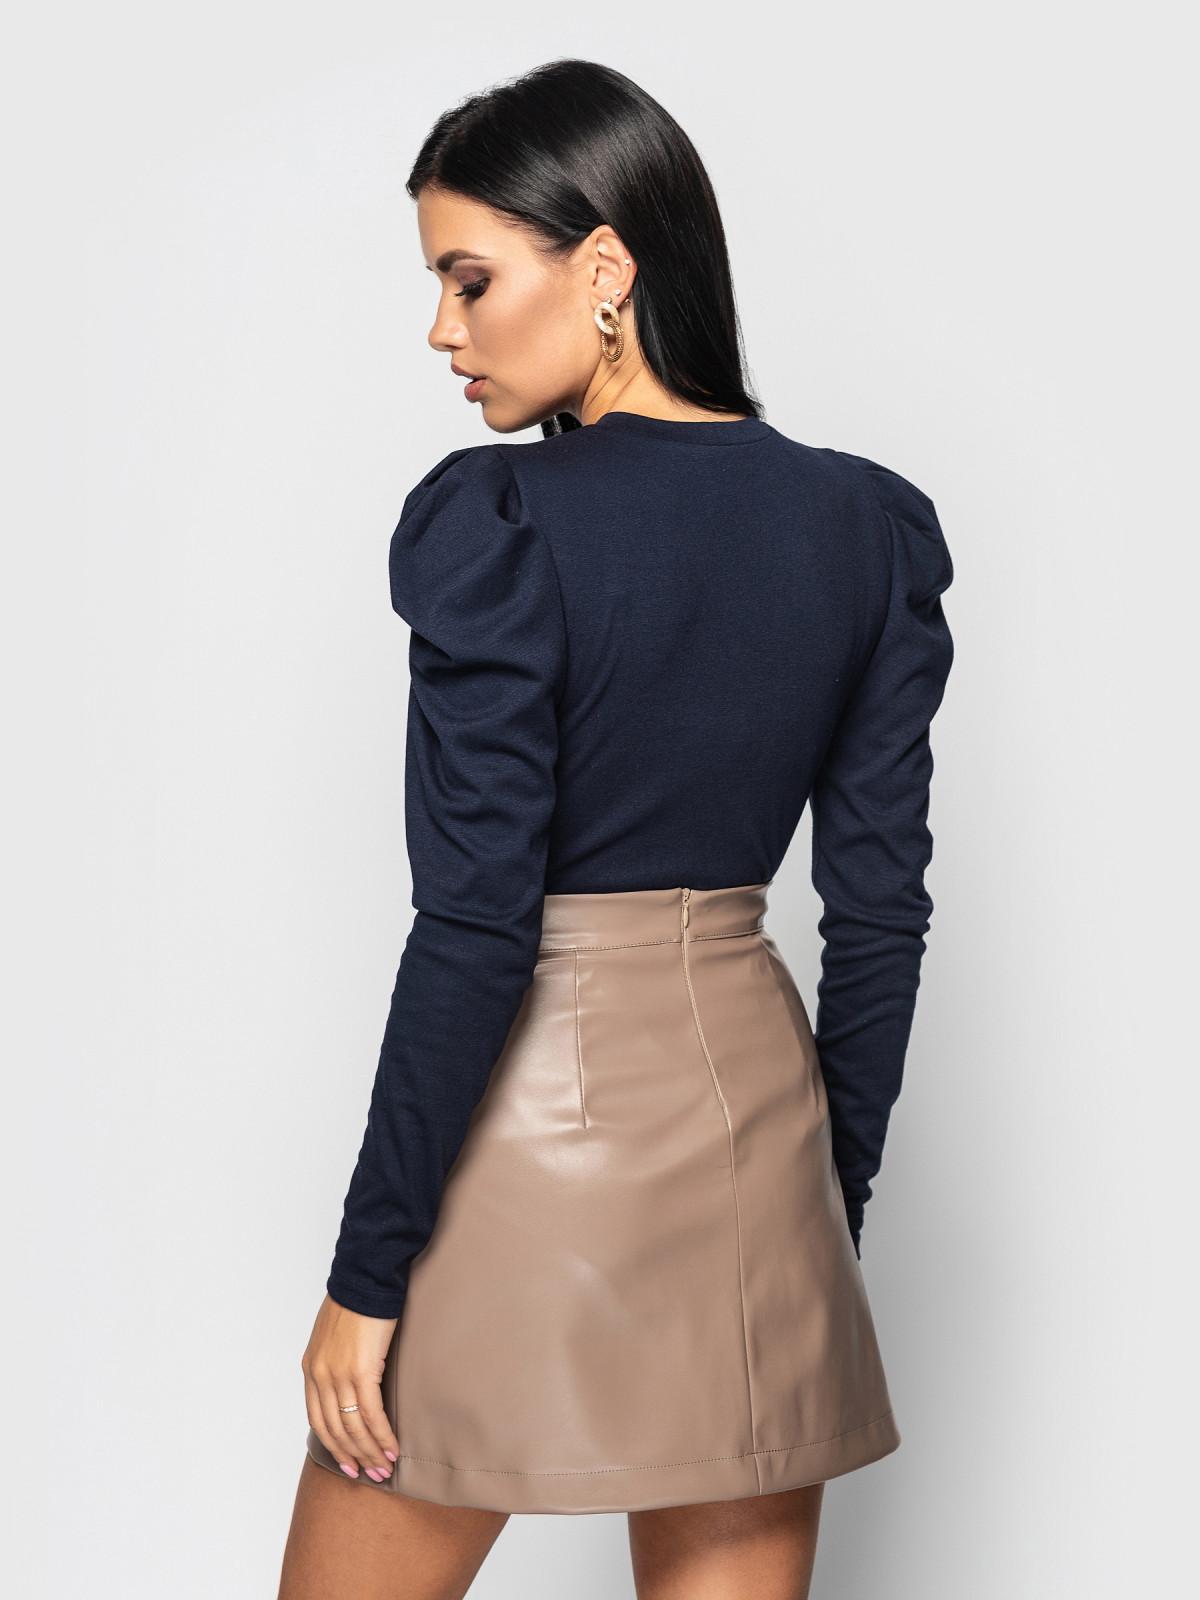 Комплект юбка с гольфом Palmira Кофейный-т.синий